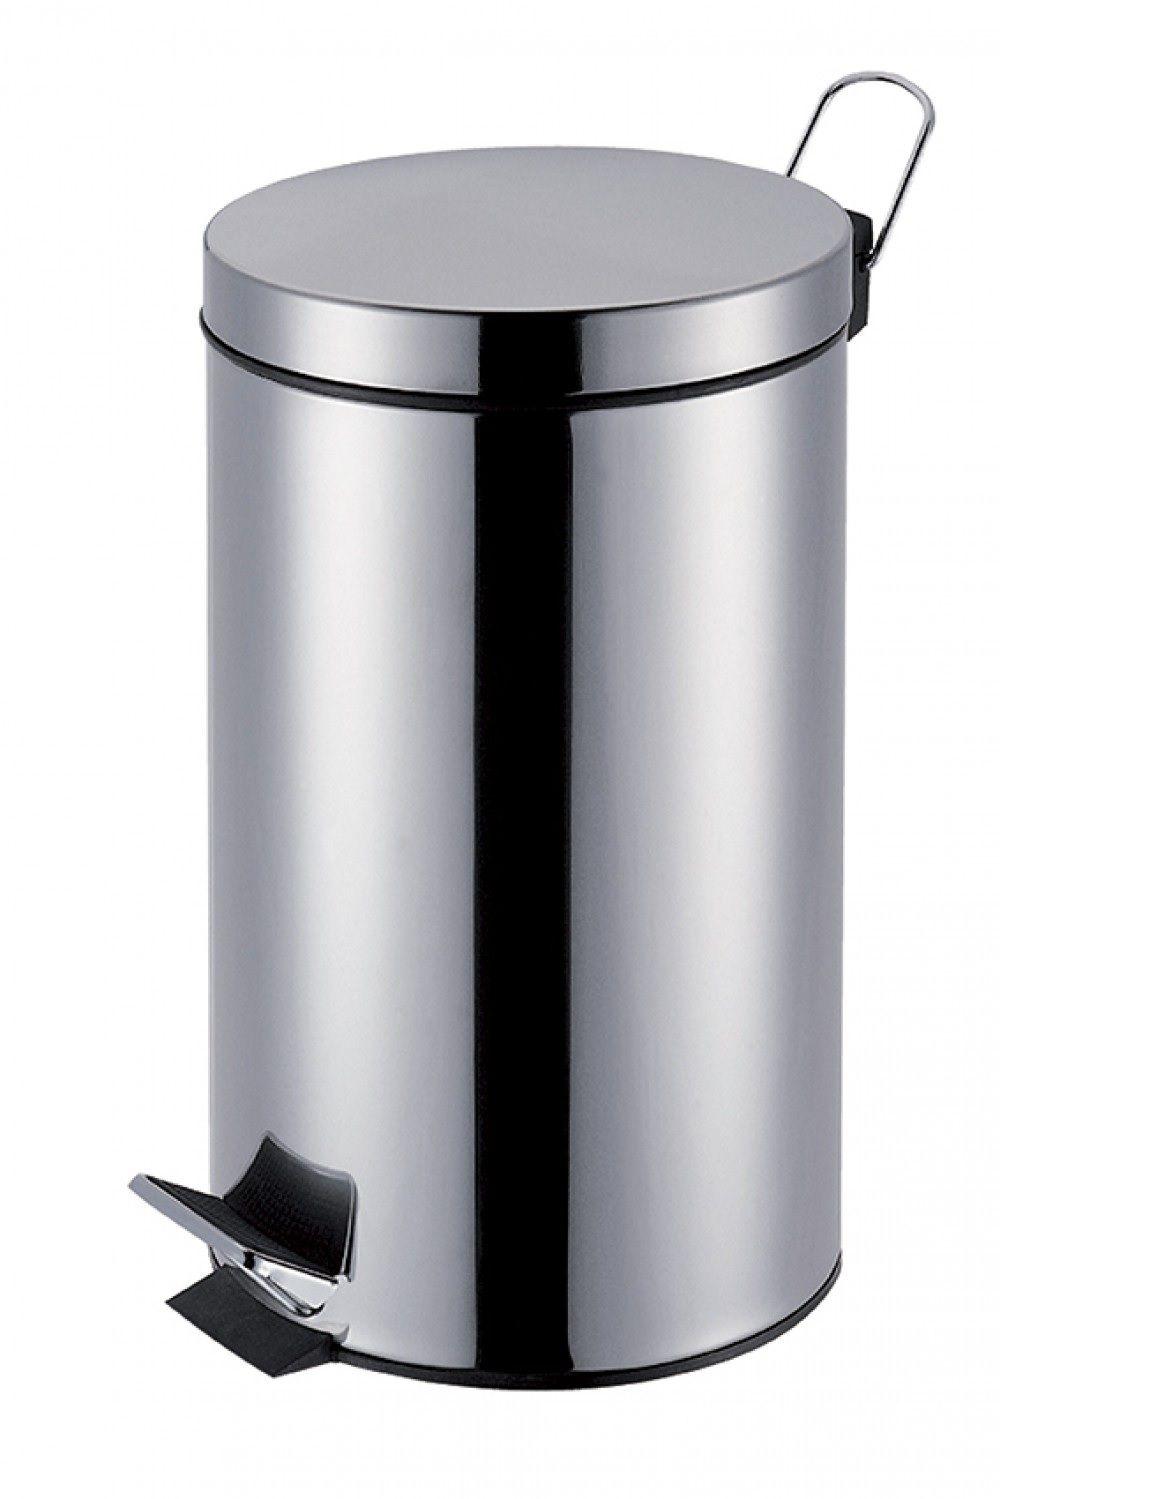 Lixeira Agata em Aço 5 Litros Mor